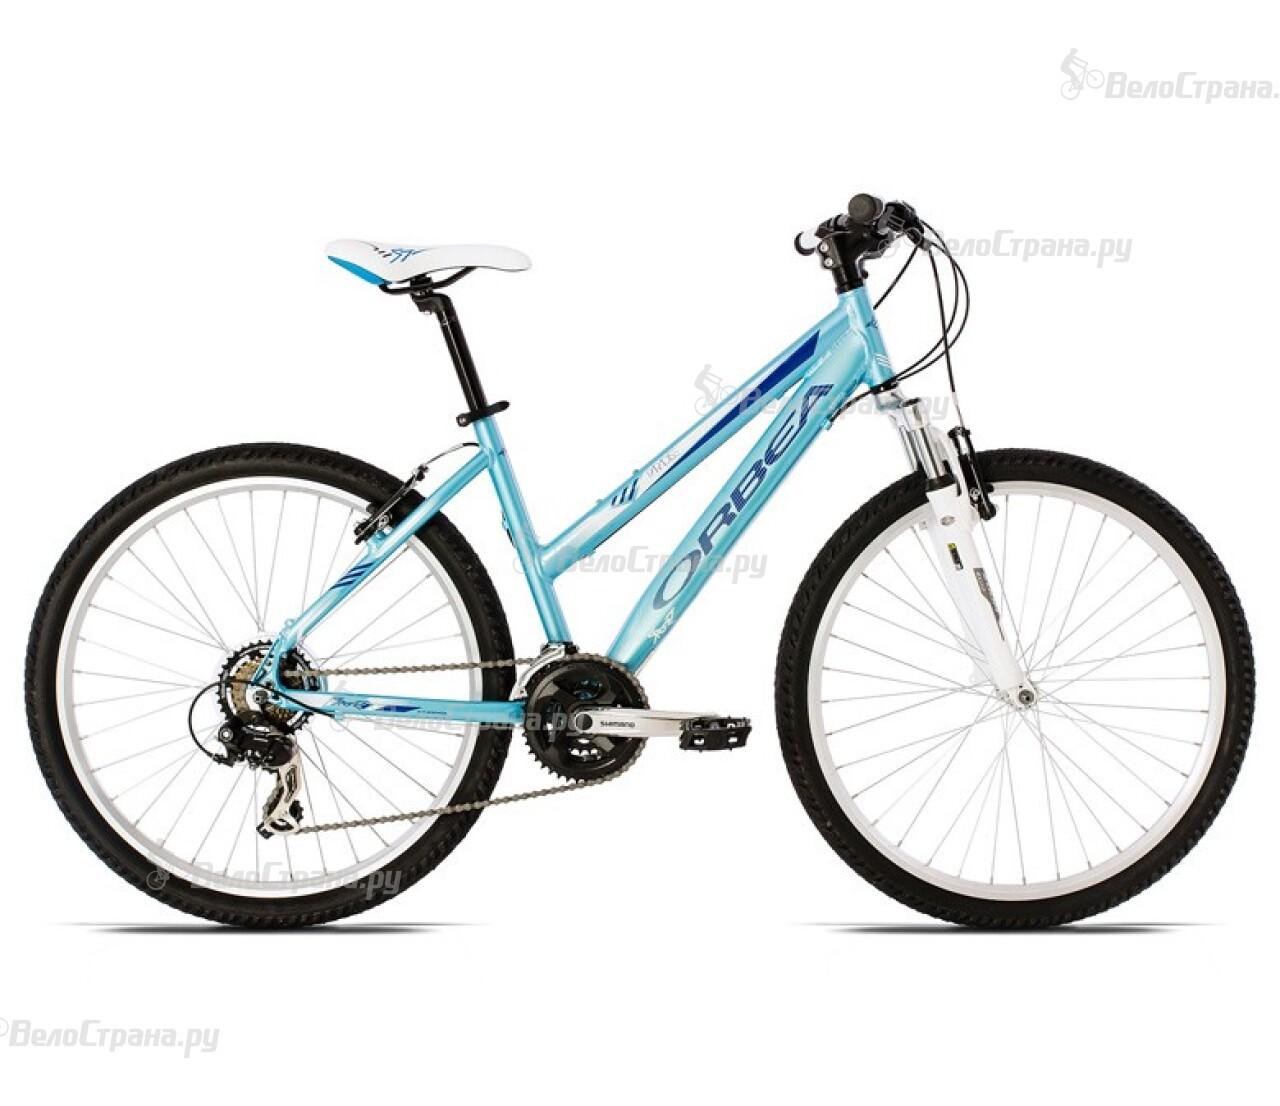 Велосипед Mongoose Switchback Sport (2013) велосипед mongoose switchback comp fem 2013